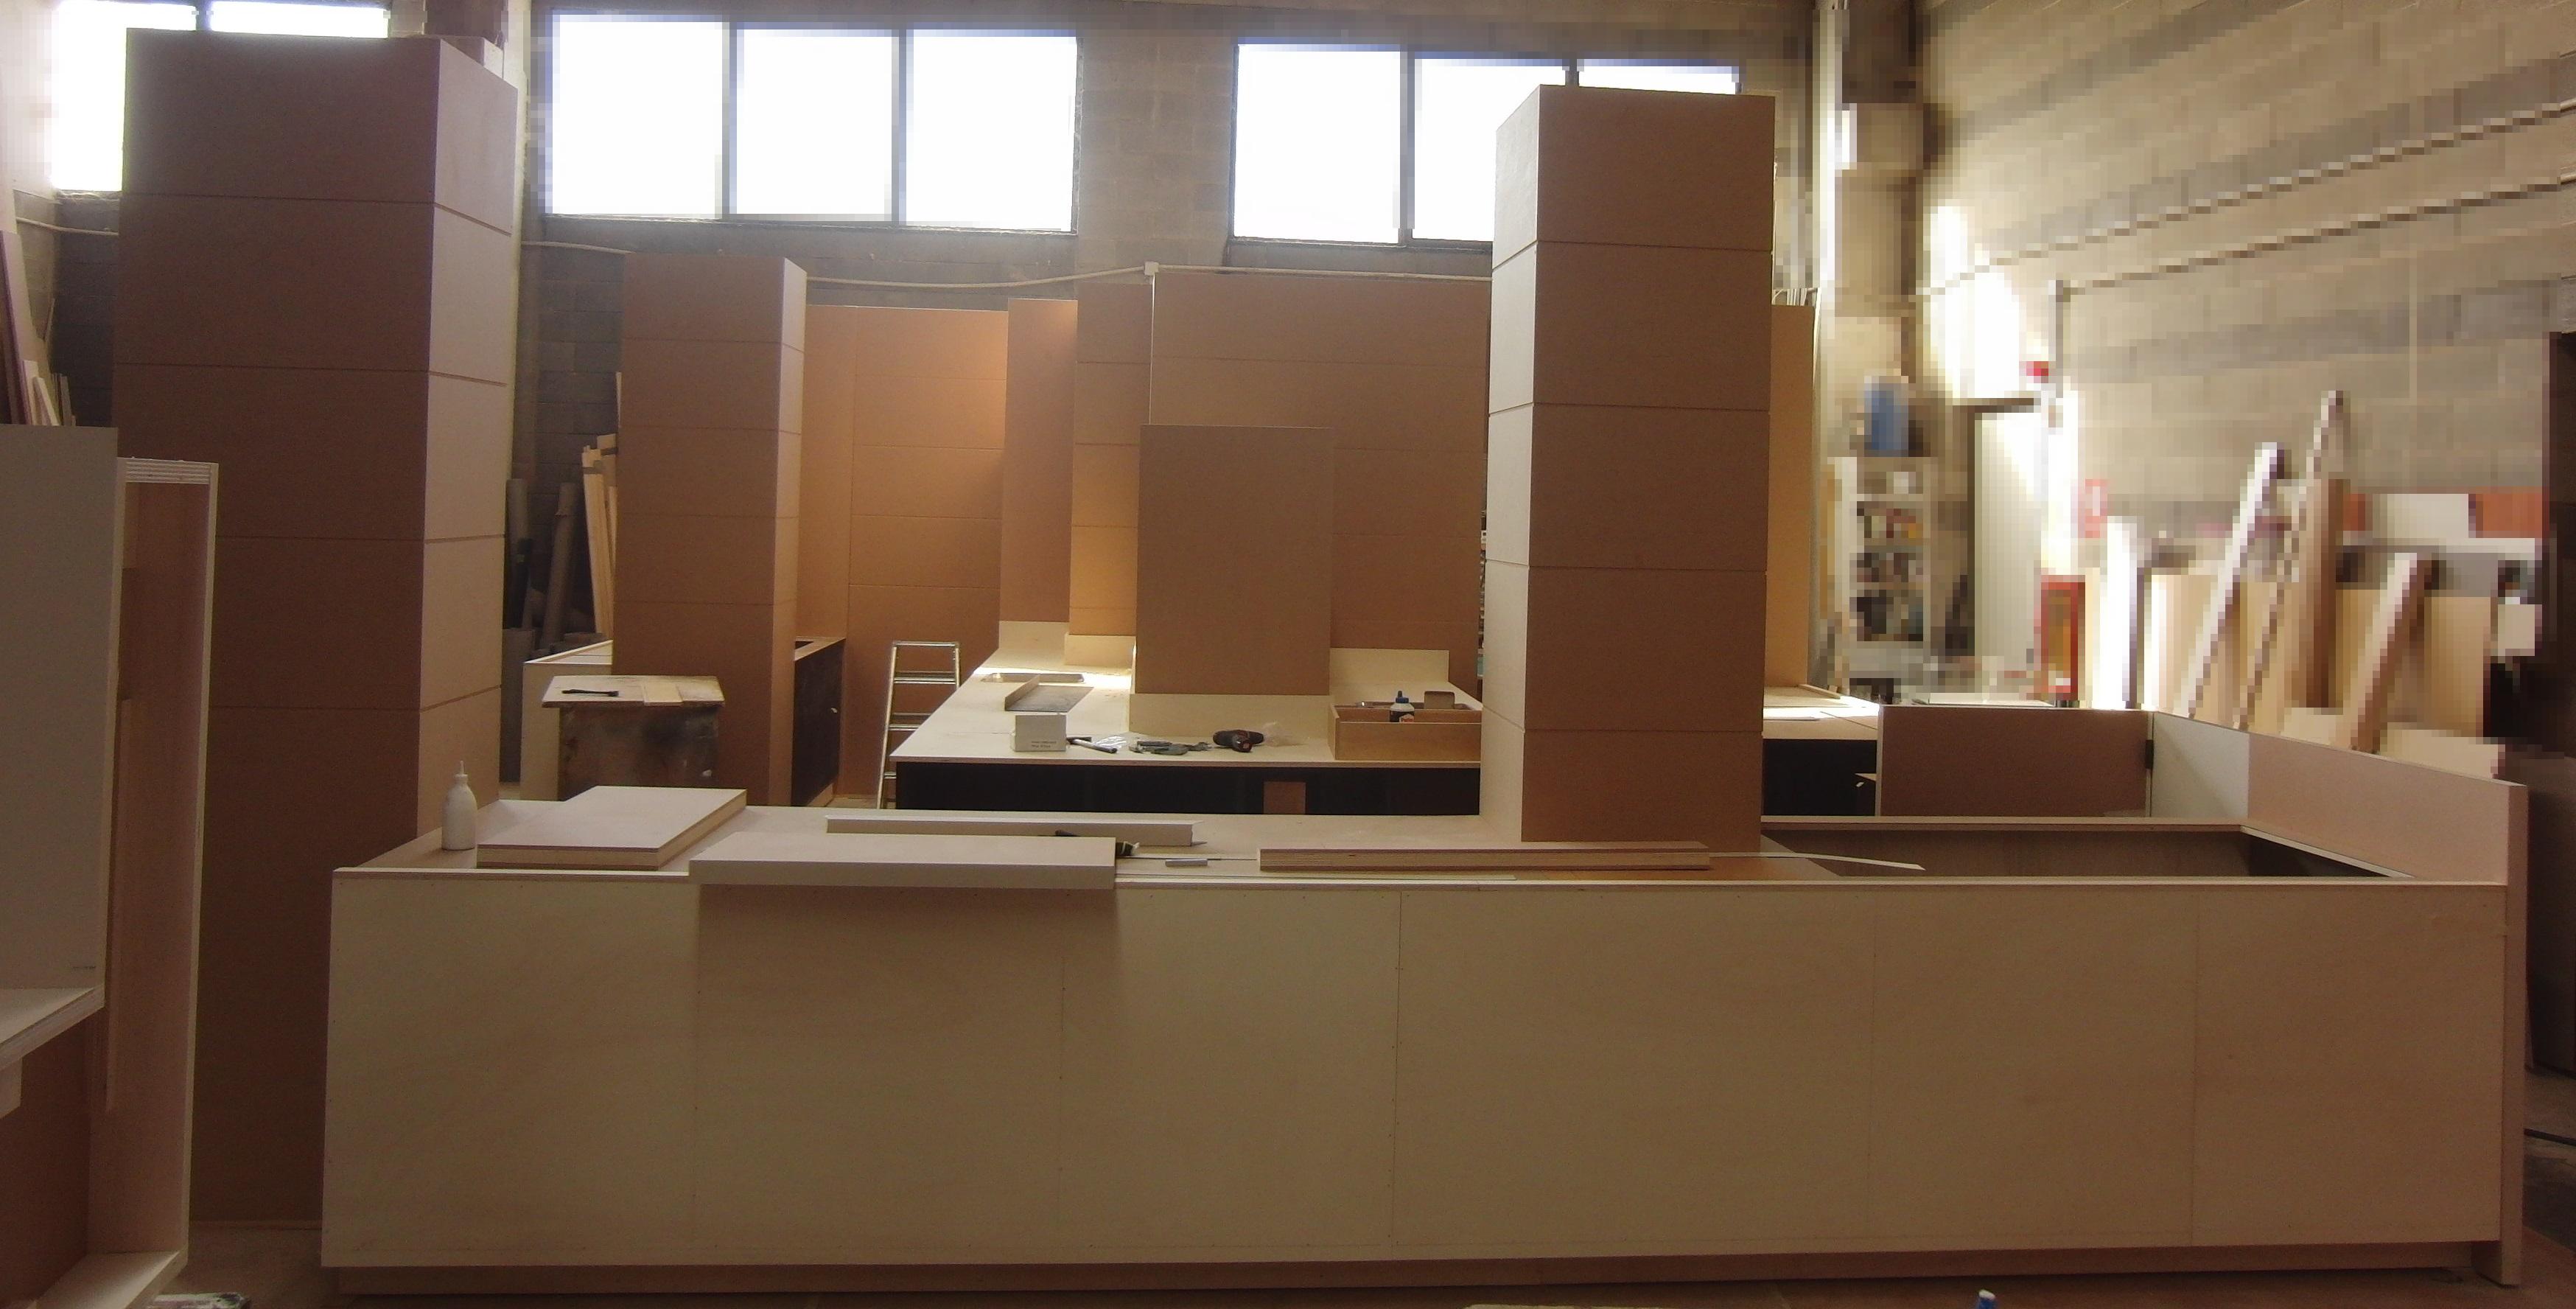 Foto della realizzazione dei mobili da inserire all'interno del Bar Gelateria Enoteca Papilla a Monza